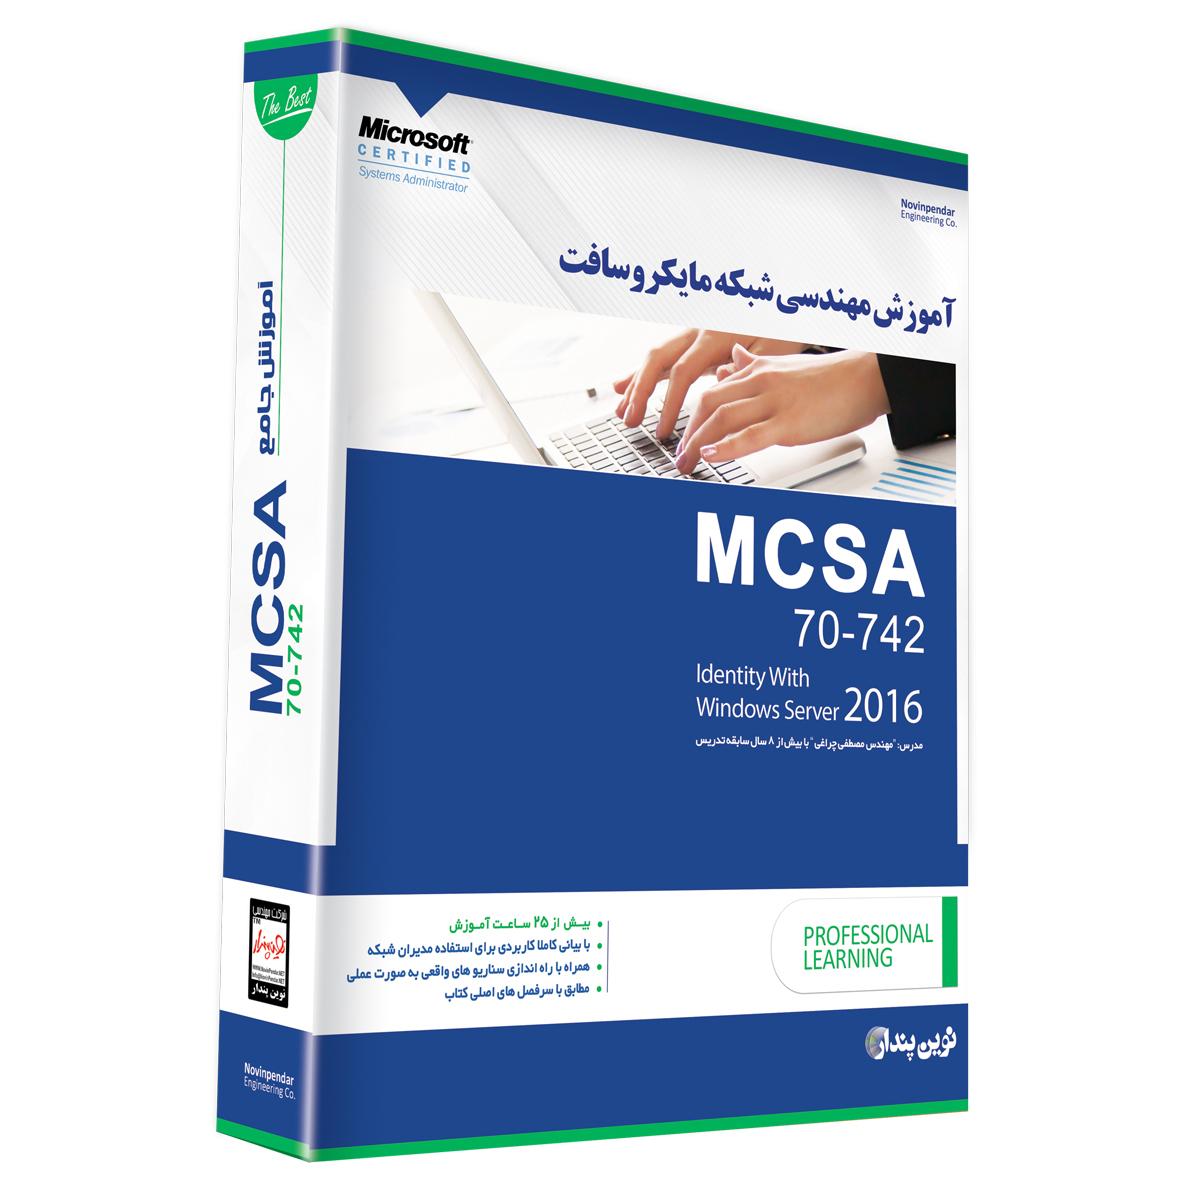 مجموعه نرم افزار آموزش مهندسی شبکه مایکروسافت  MCSA 70-742 نشر نوین پندار